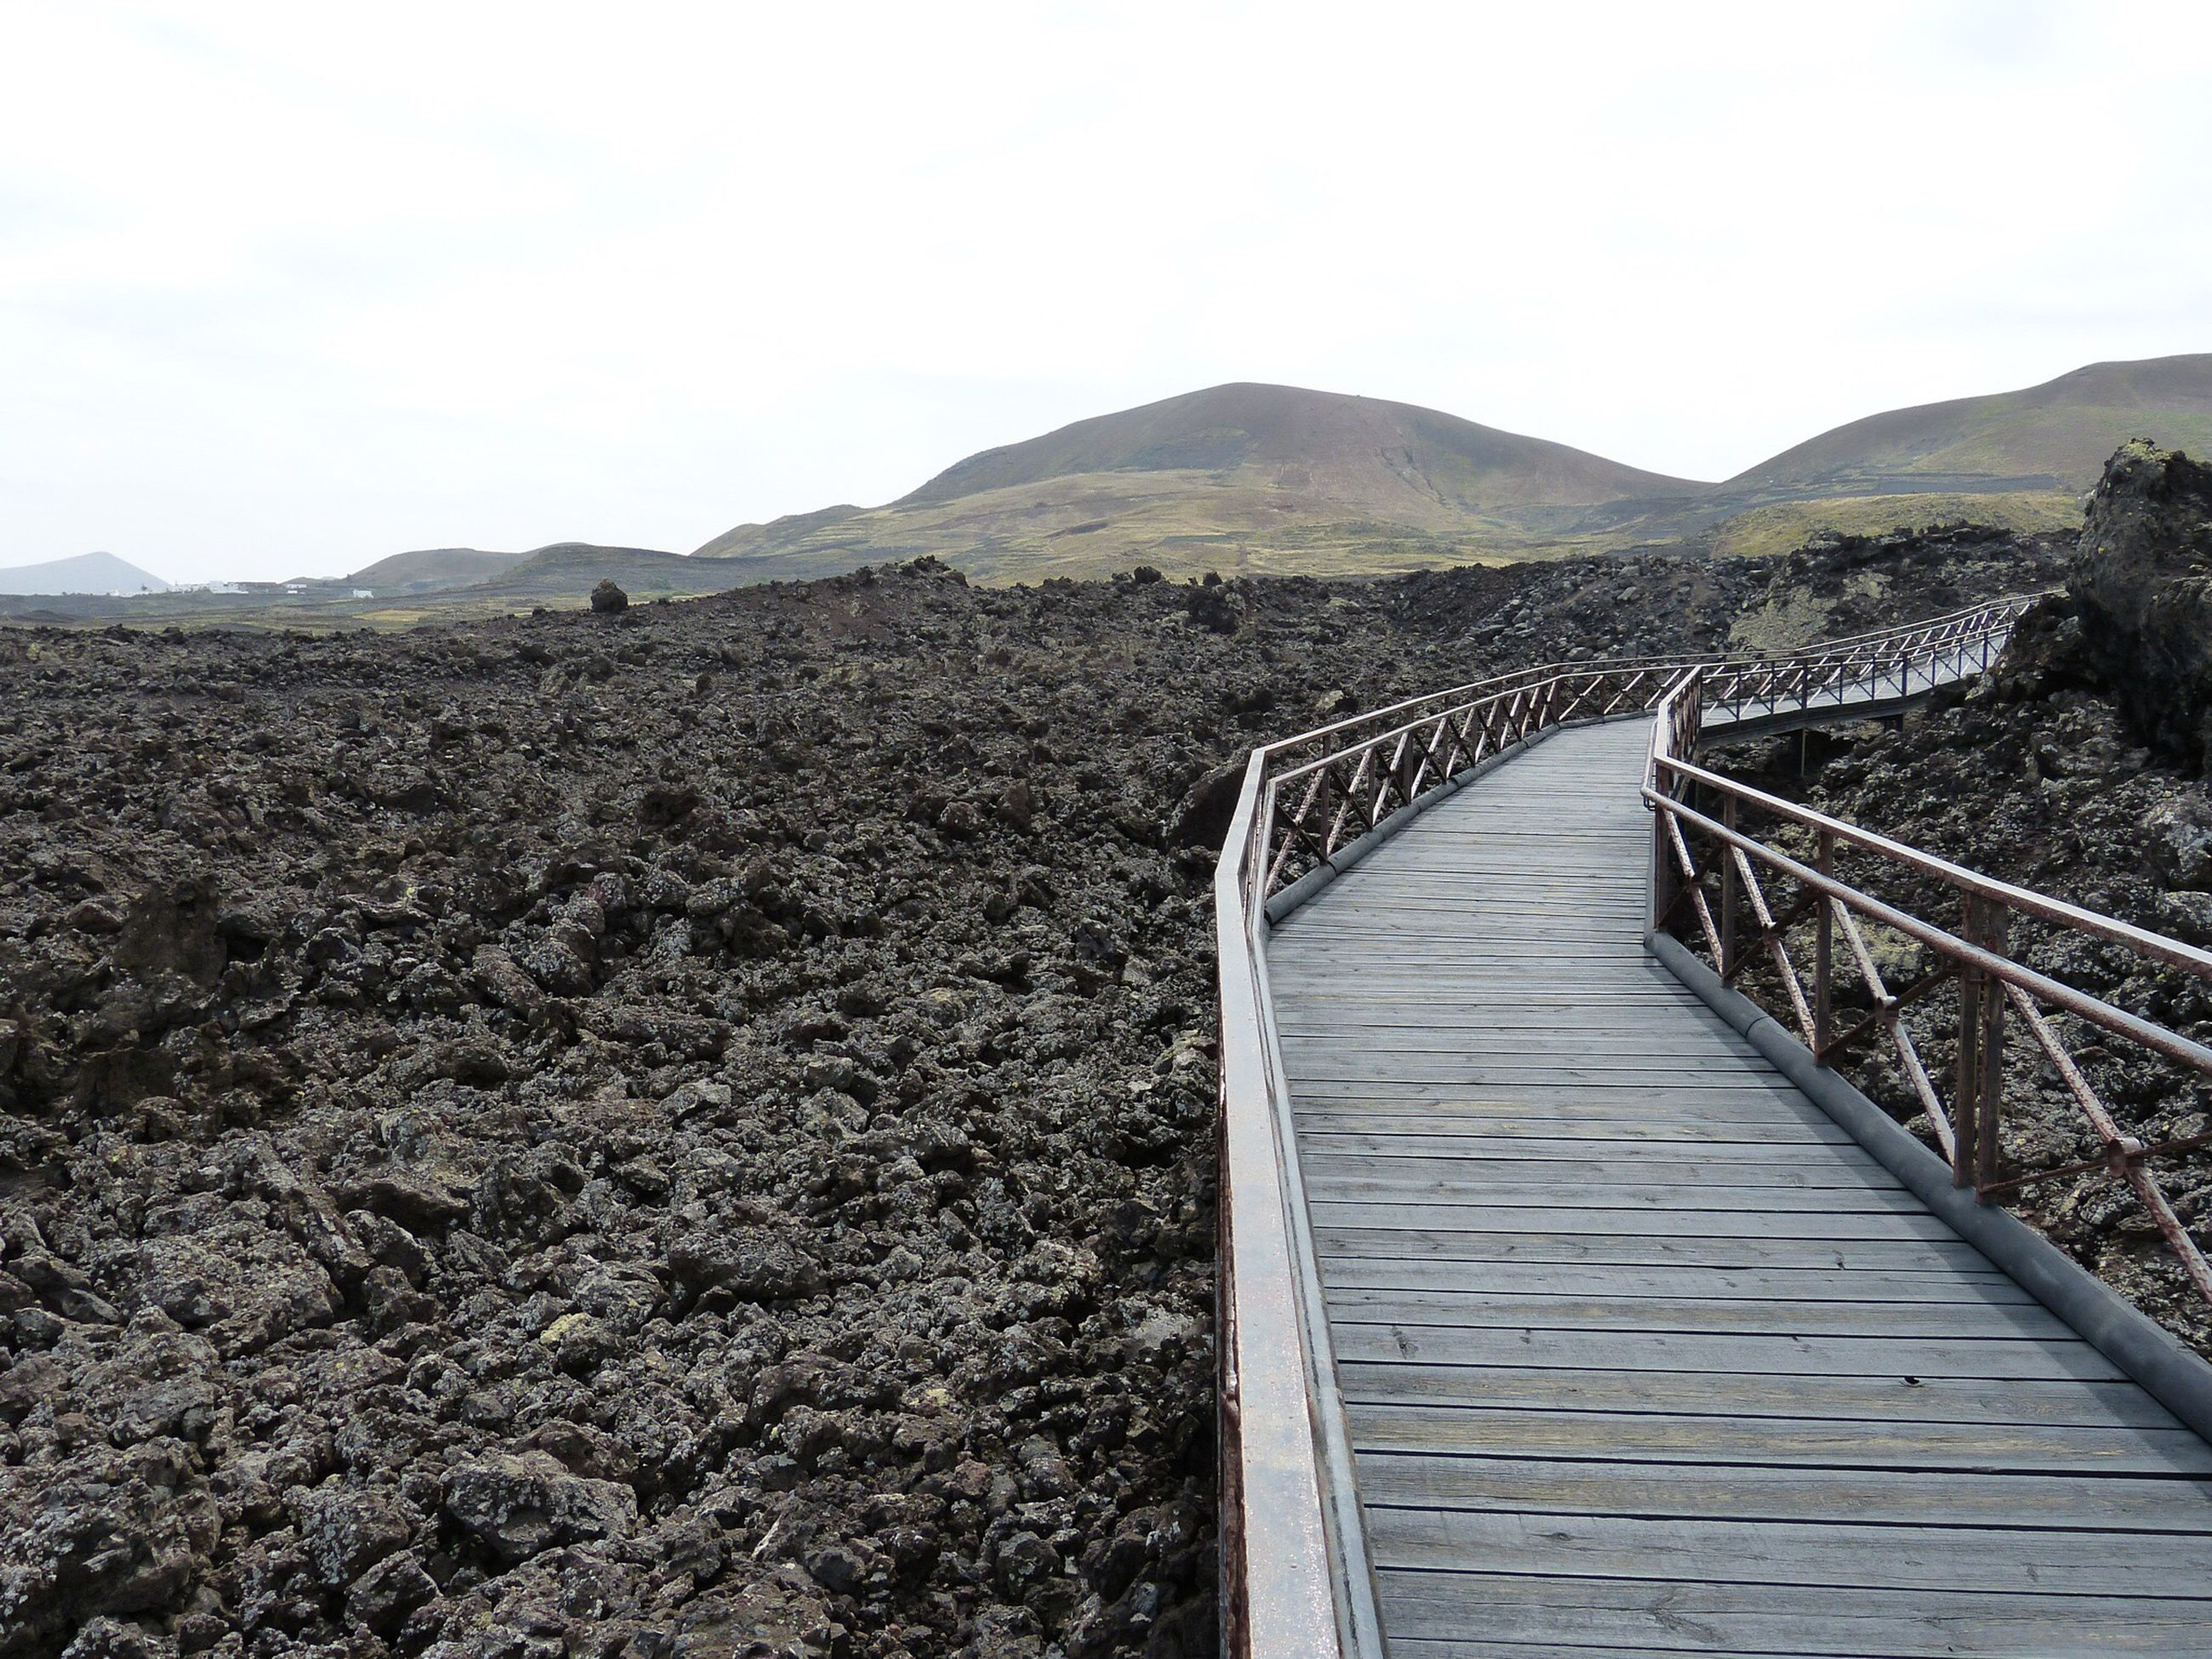 Boardwalk on barren landscape against clear sky